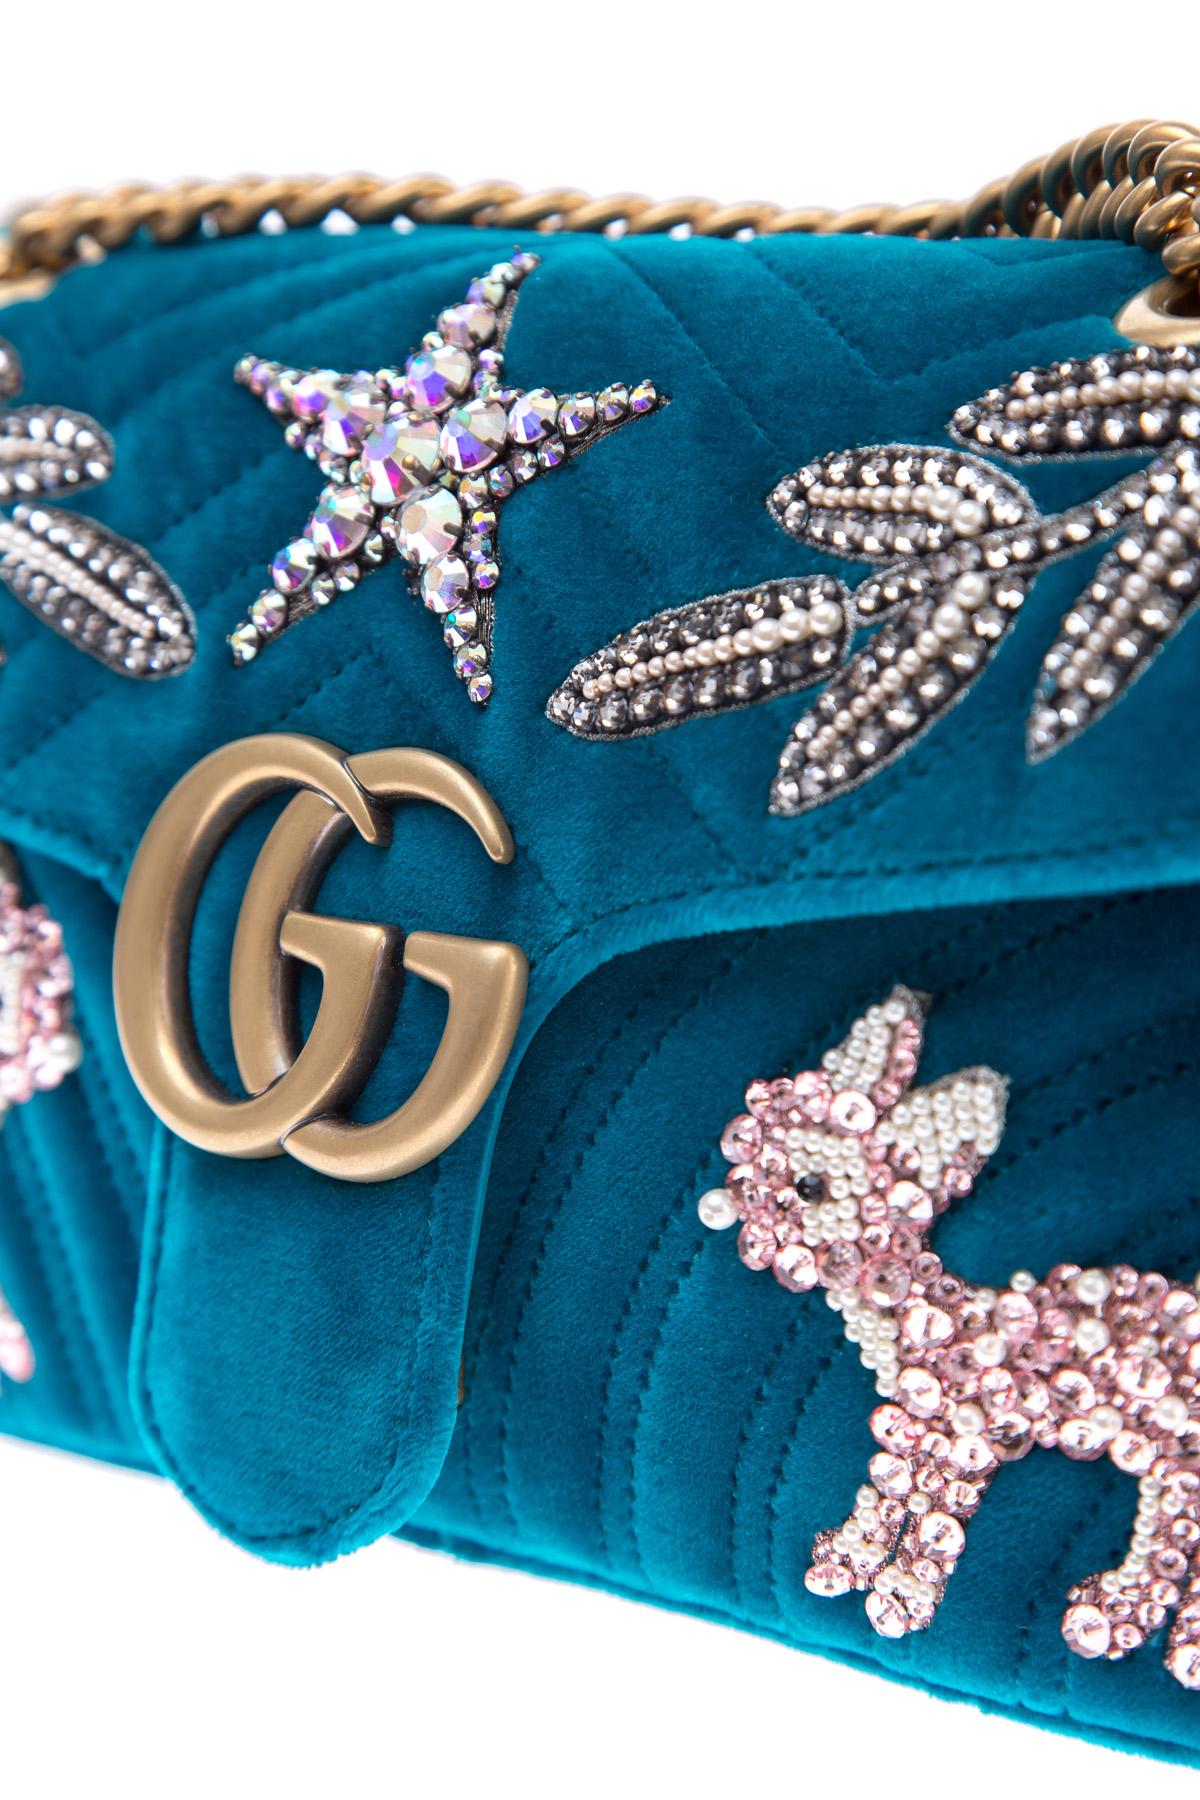 сумка GUCCI G443497 4470 Фото 8